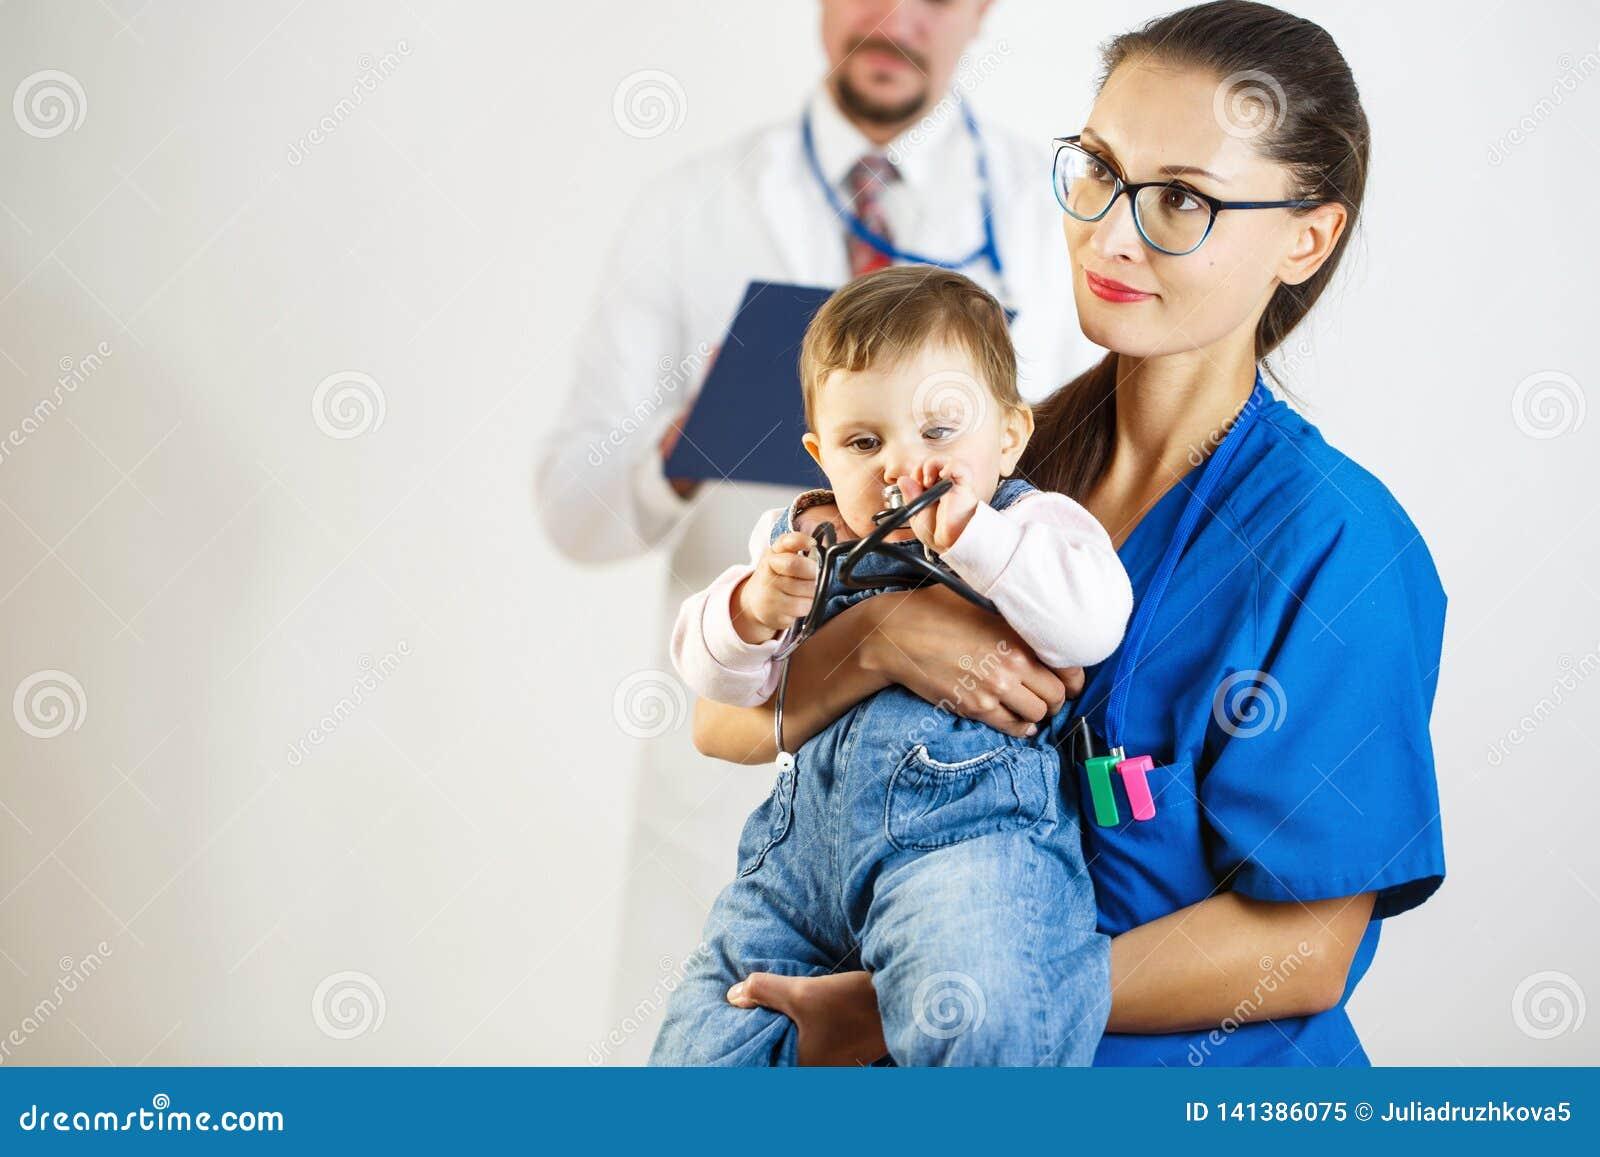 Los juegos de niños soñolientos con un estetoscopio en las manos de una enfermera, en el fondo son doctor Fondo blanco